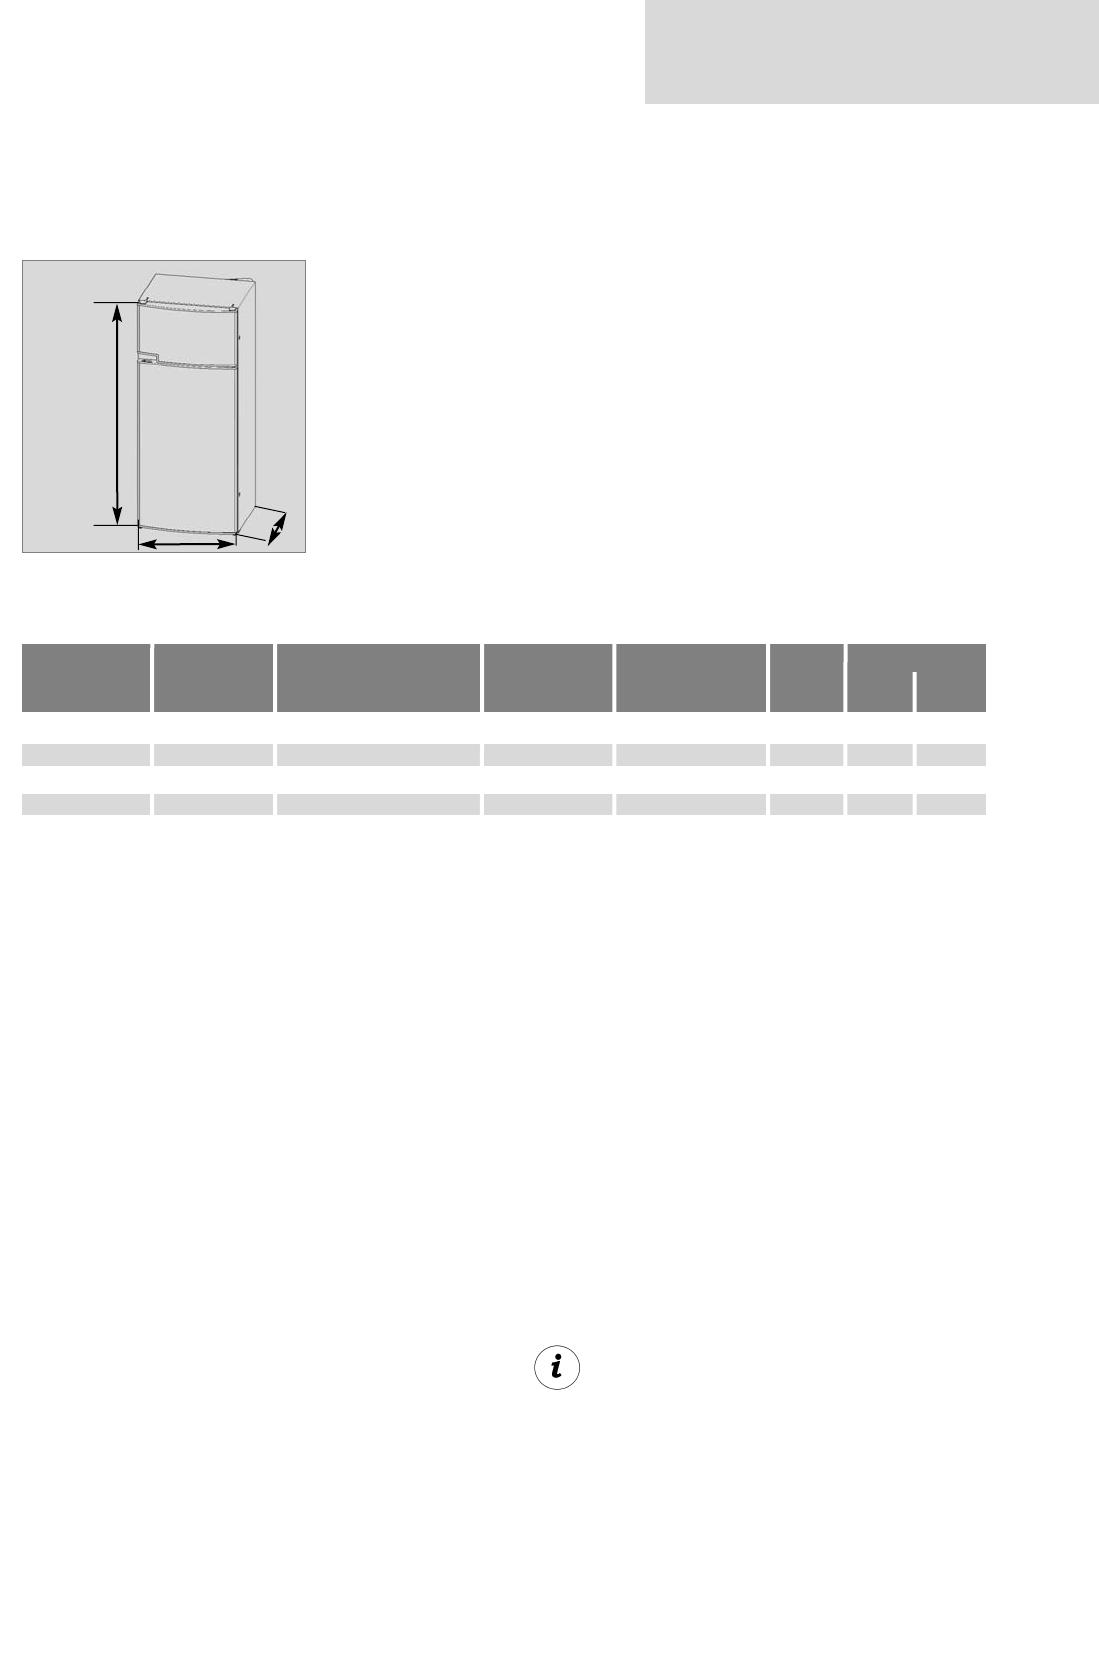 bedienungsanleitung dometic rmd 8505 seite 11 von 26. Black Bedroom Furniture Sets. Home Design Ideas